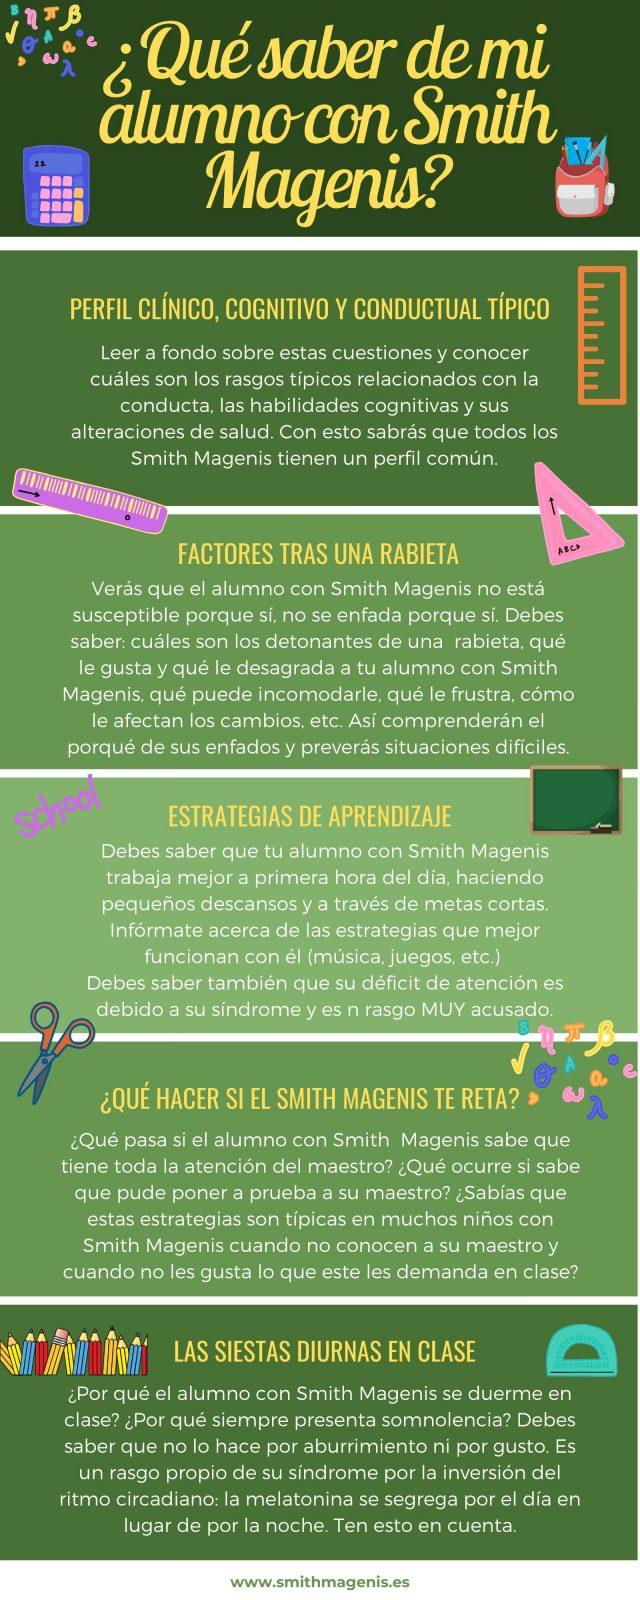 """""""PROBLEMAS"""" DE LOS SMITH MAGENIS EN EL COLEGIO"""